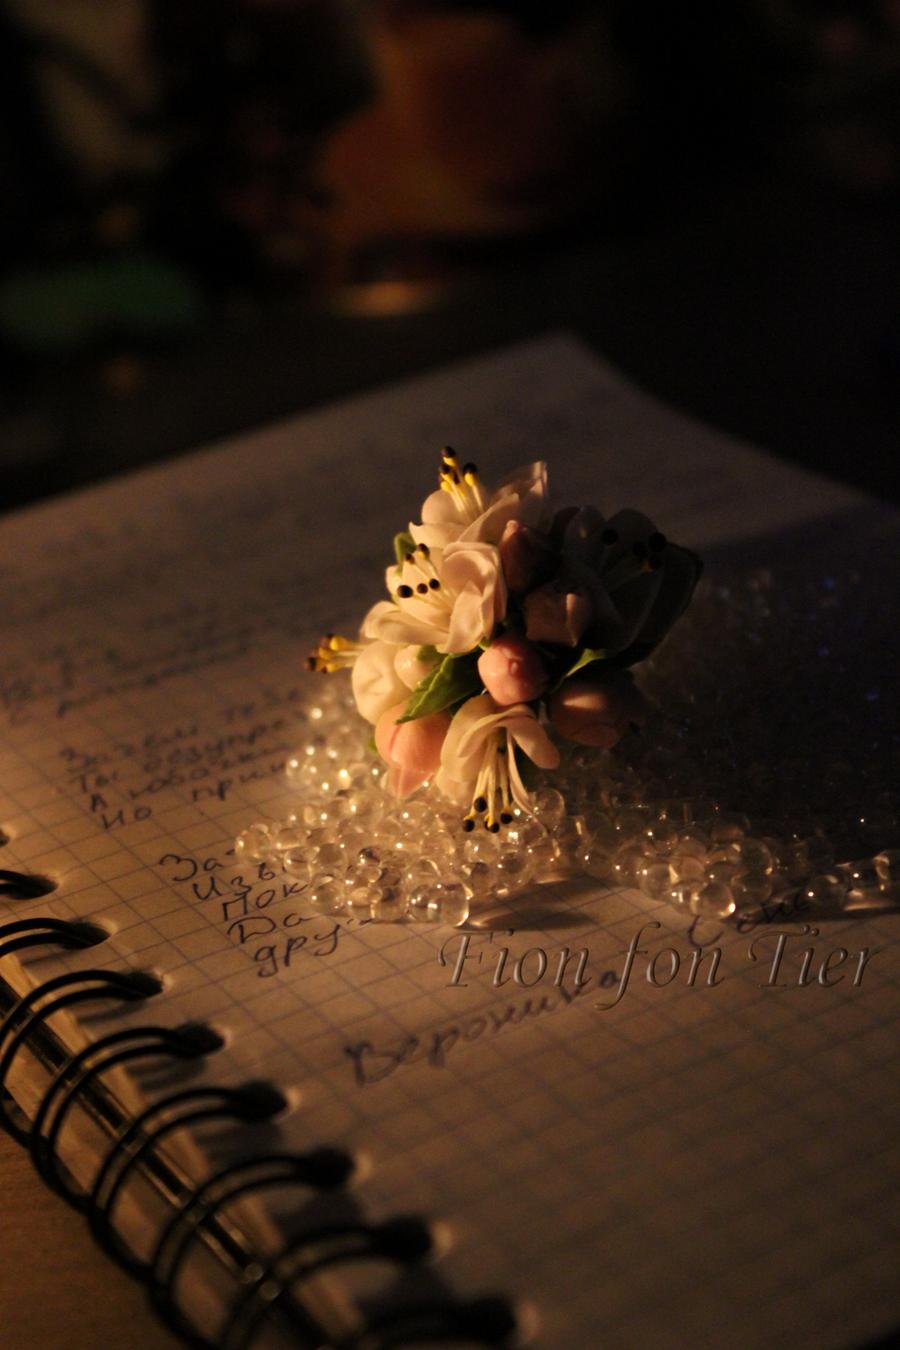 Night flowers by fion-fon-tier